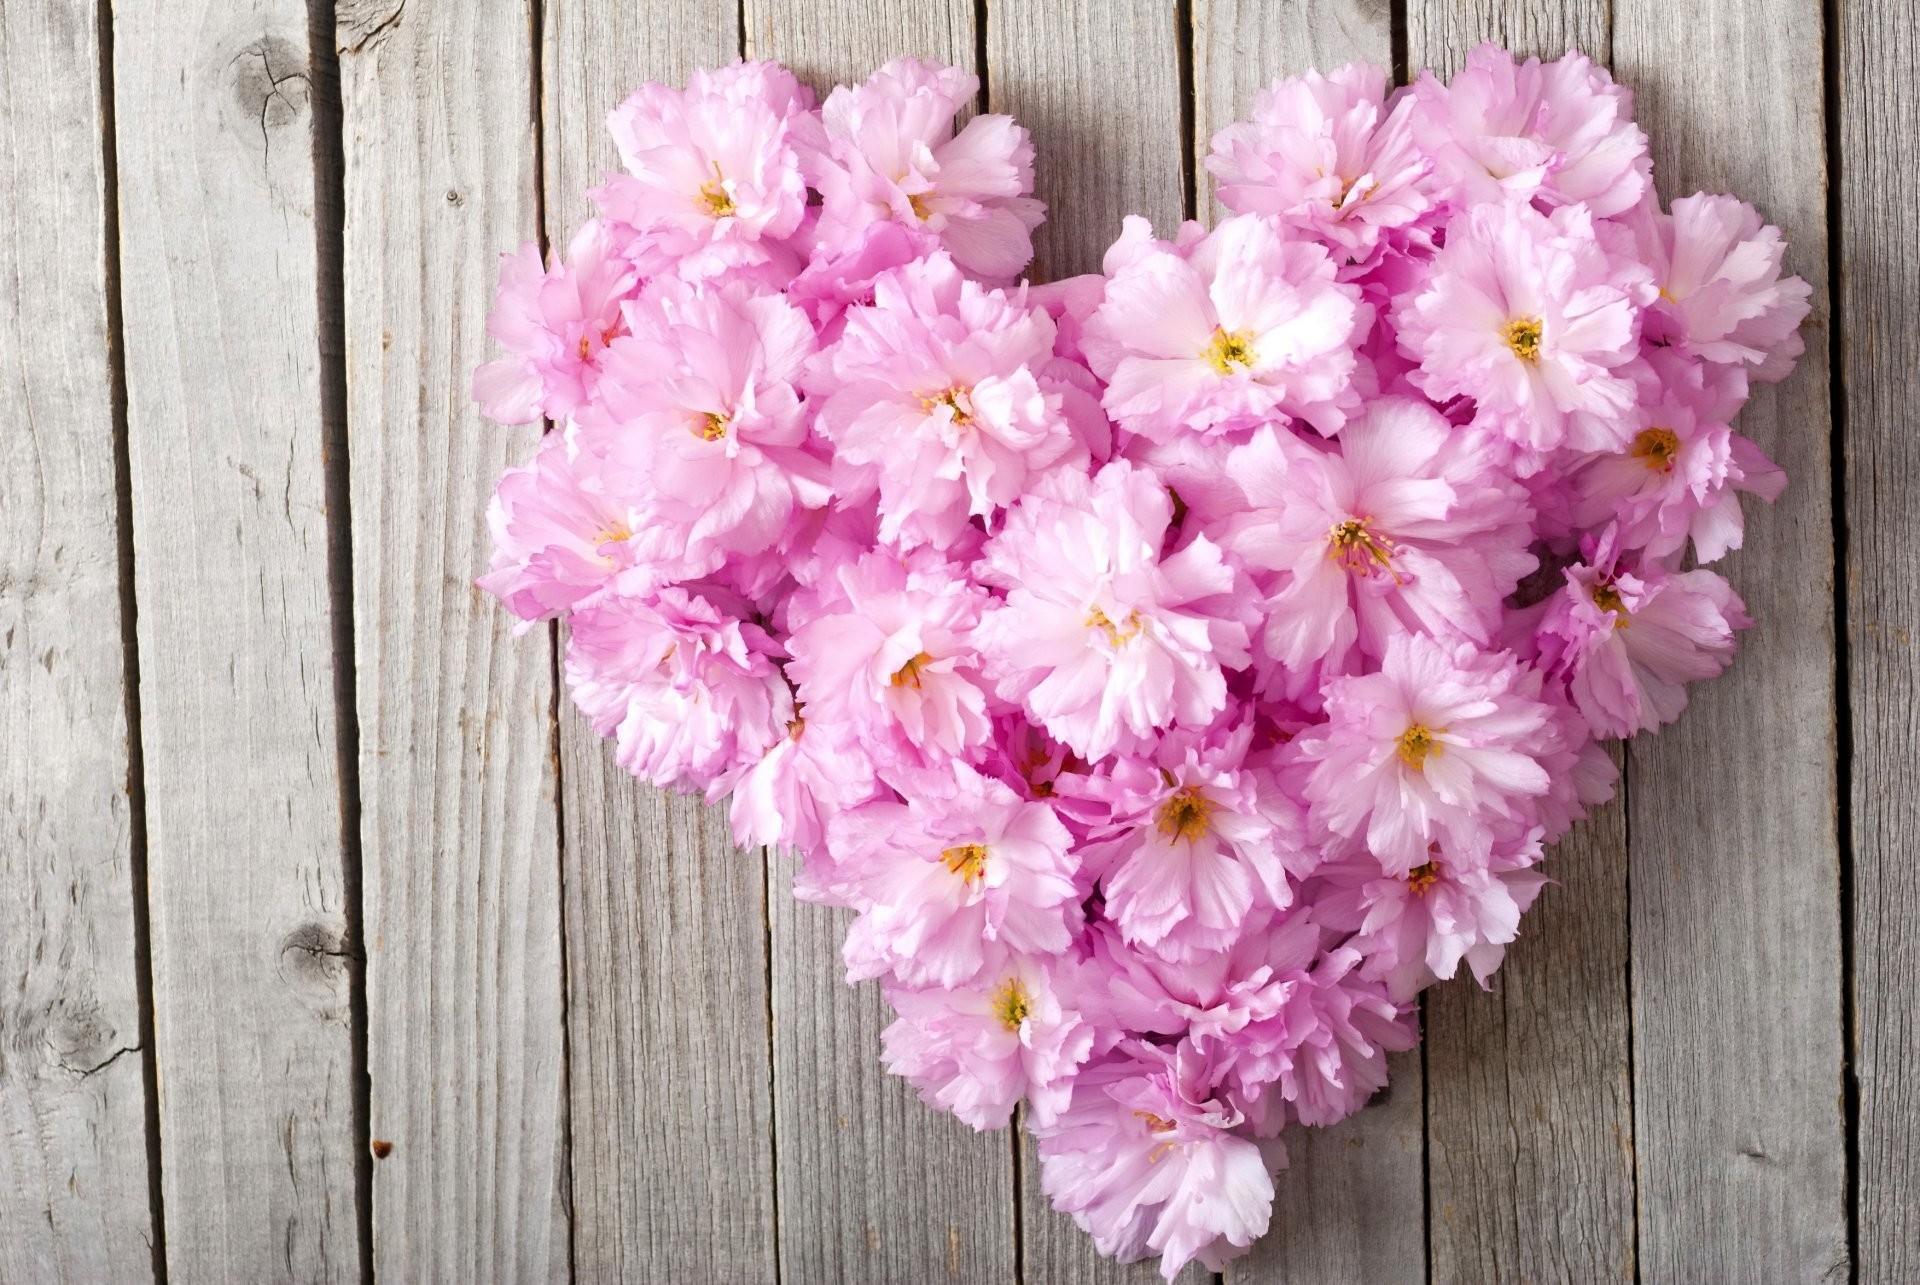 Love flower wallpaper 48 images 2560x1600 woman love flower mightylinksfo